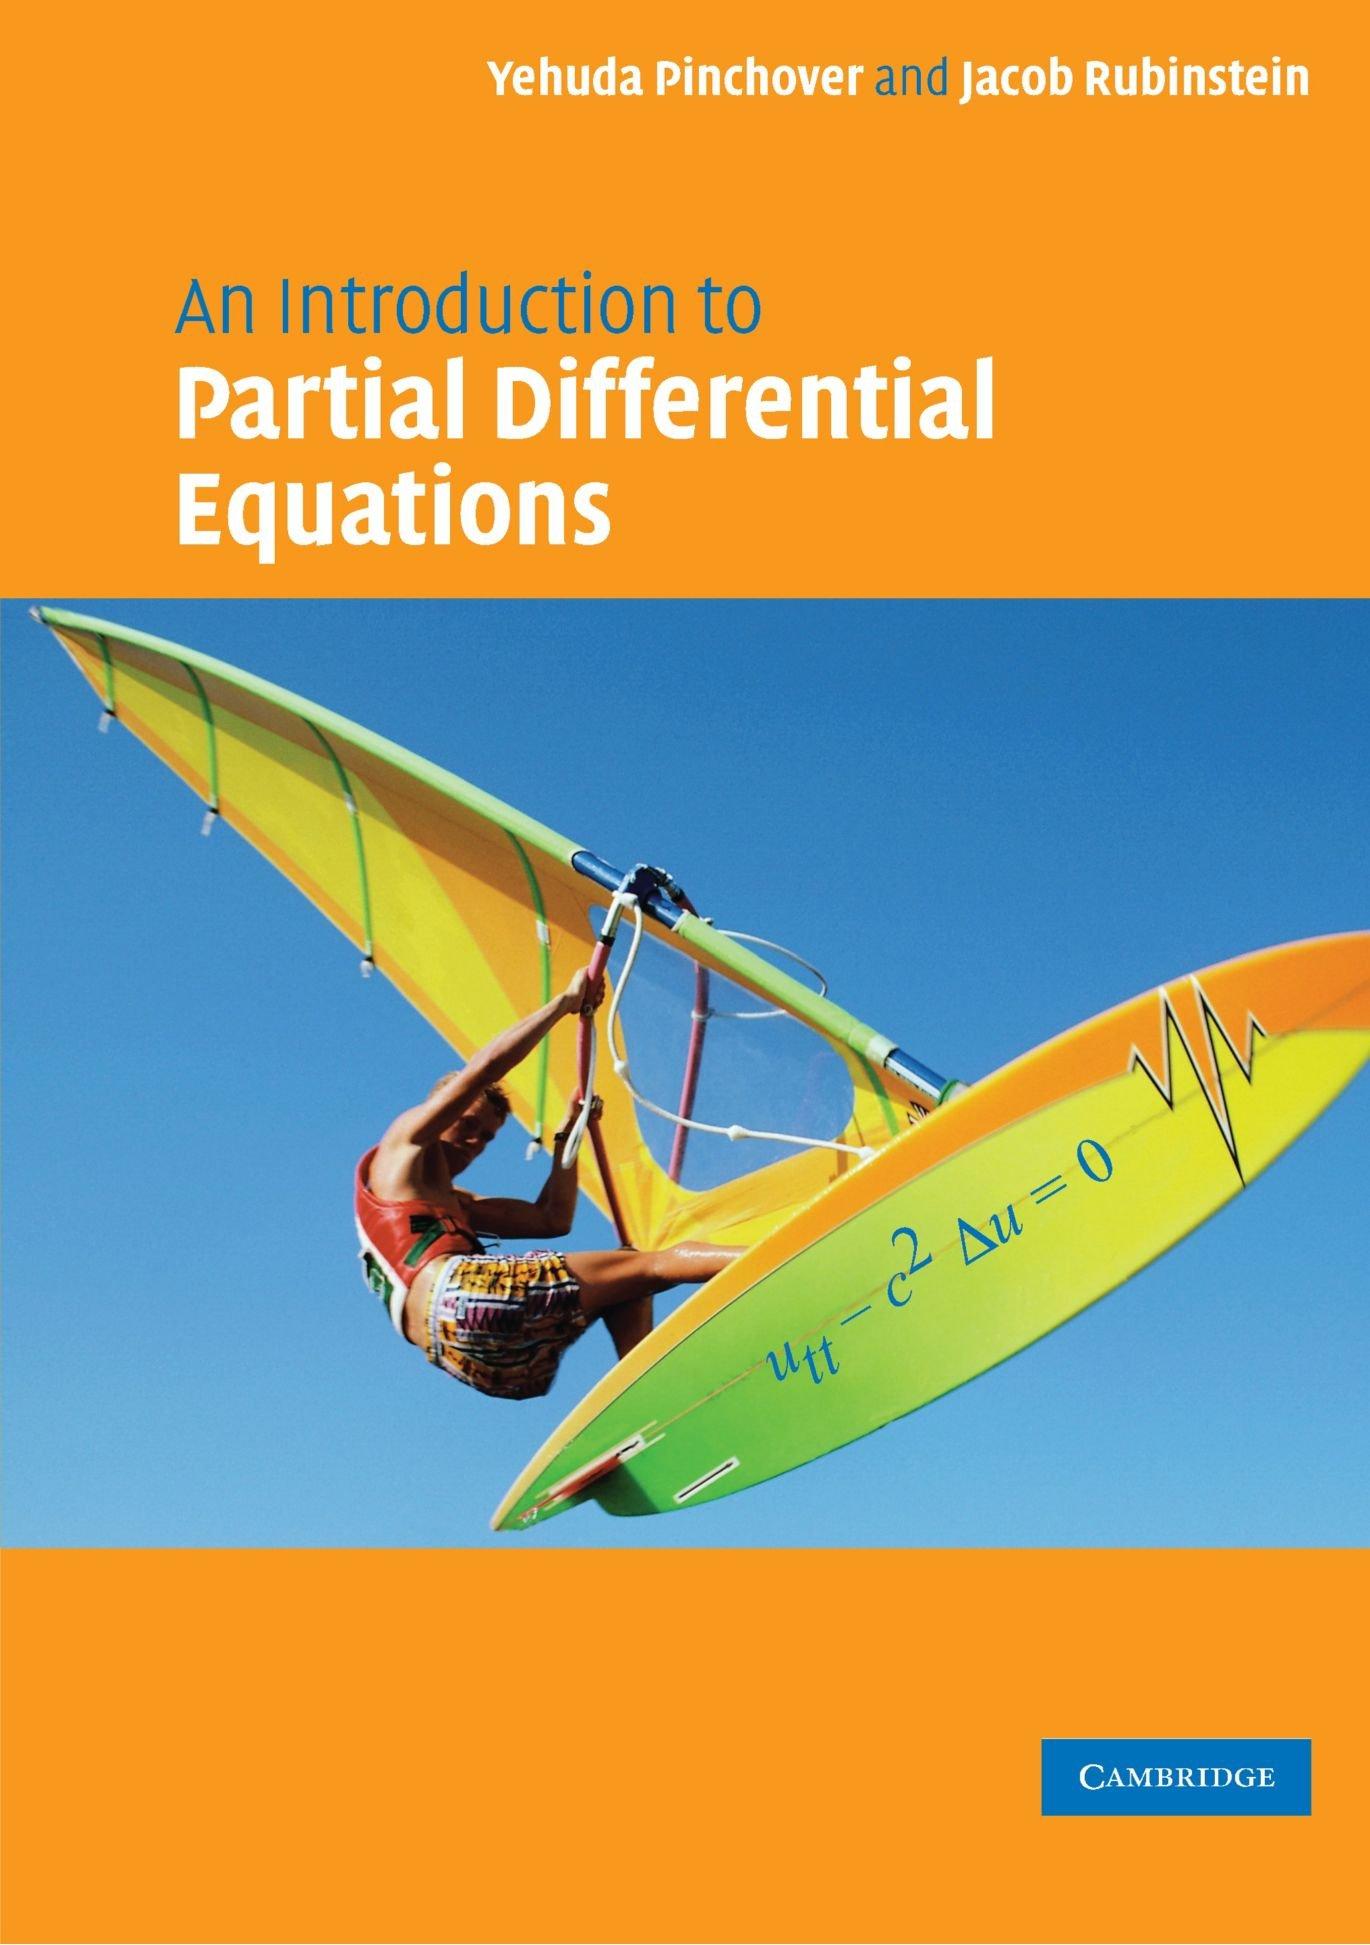 ECUACIONES DIFERENCIALES PARCIALES - PINCHOVER 71-H7DlypPL